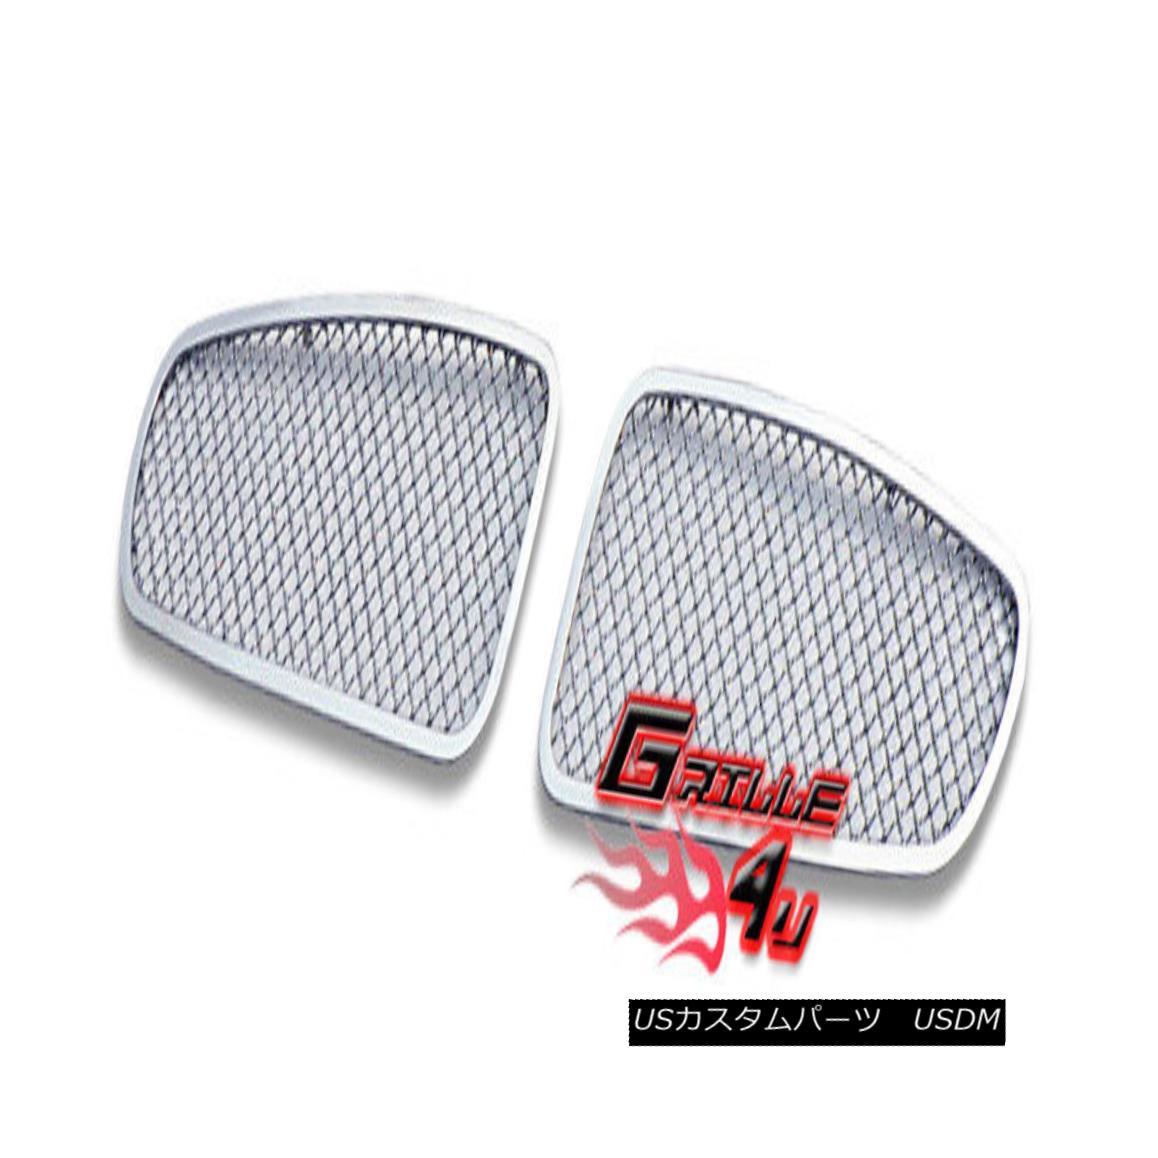 グリル Customized For 02-06 Jaguar X Type Stainless Mesh Premium Grille Insert 02-06ジャガーX型ステンレスメッシュプレミアムグリルインサート